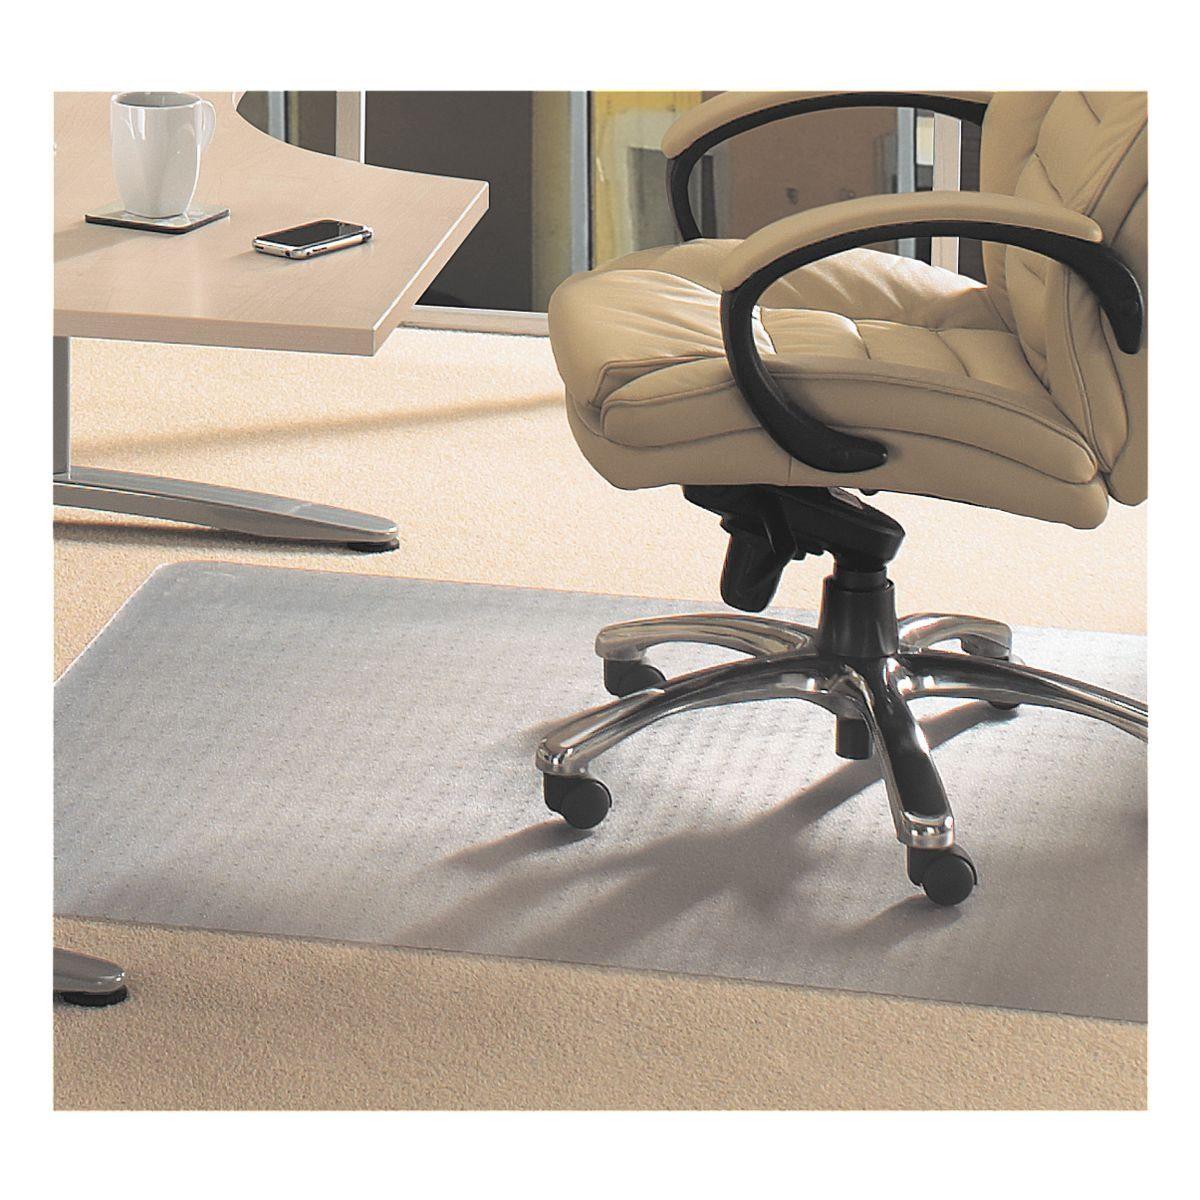 FLOORTEX Bodenschutzmatte 120x75 cm, rechteckig, für mittelflorig... »Evolutionmat«